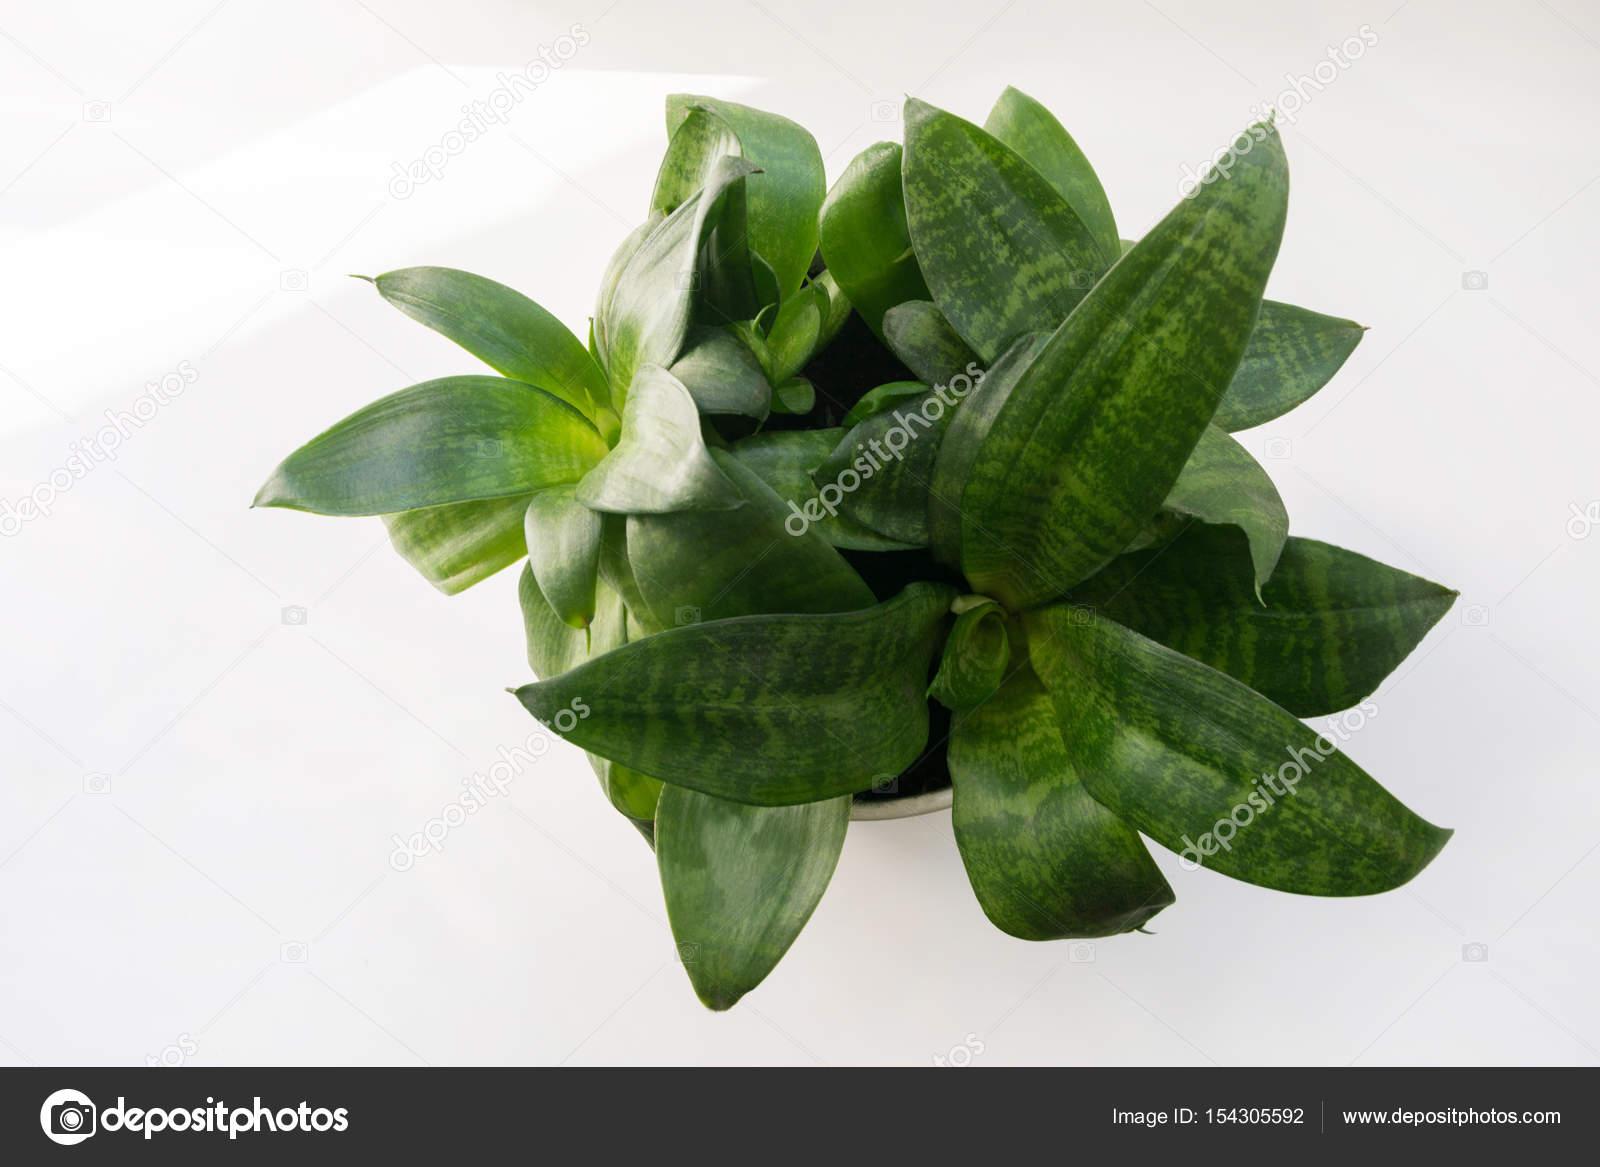 entretien plante succulente simple cliquez pour agrandir limage with entretien plante. Black Bedroom Furniture Sets. Home Design Ideas